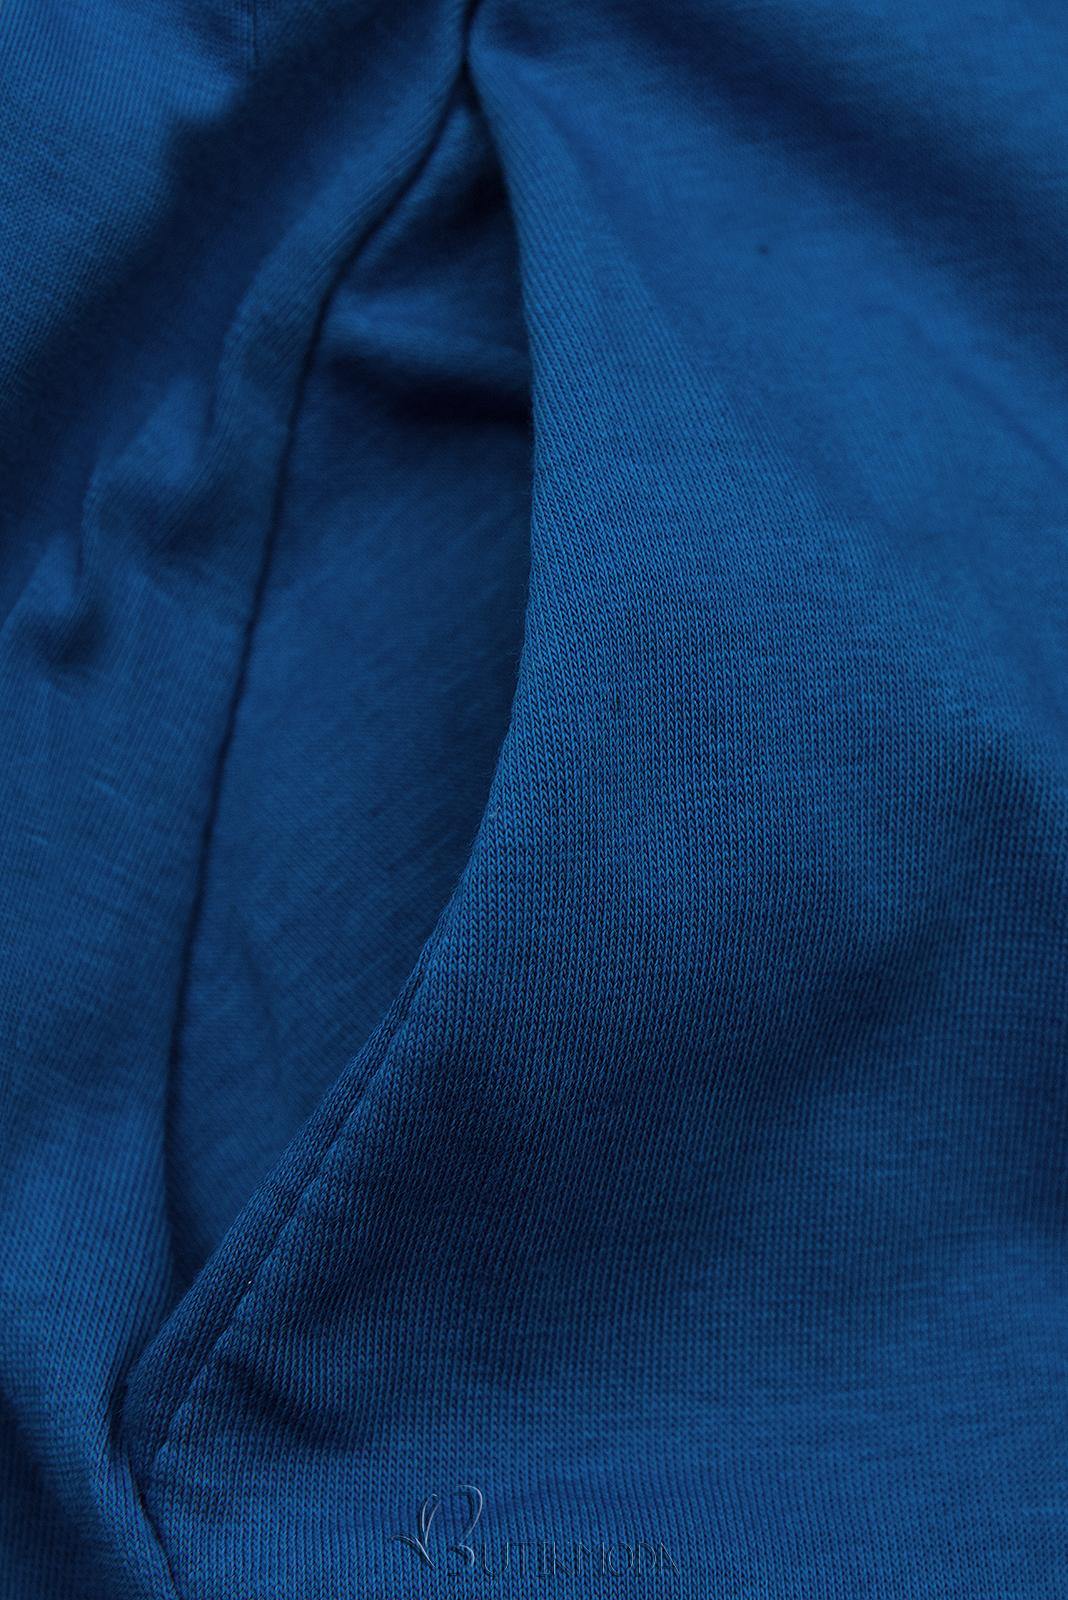 Farmerkék színű ruha rátéttel SUMMER